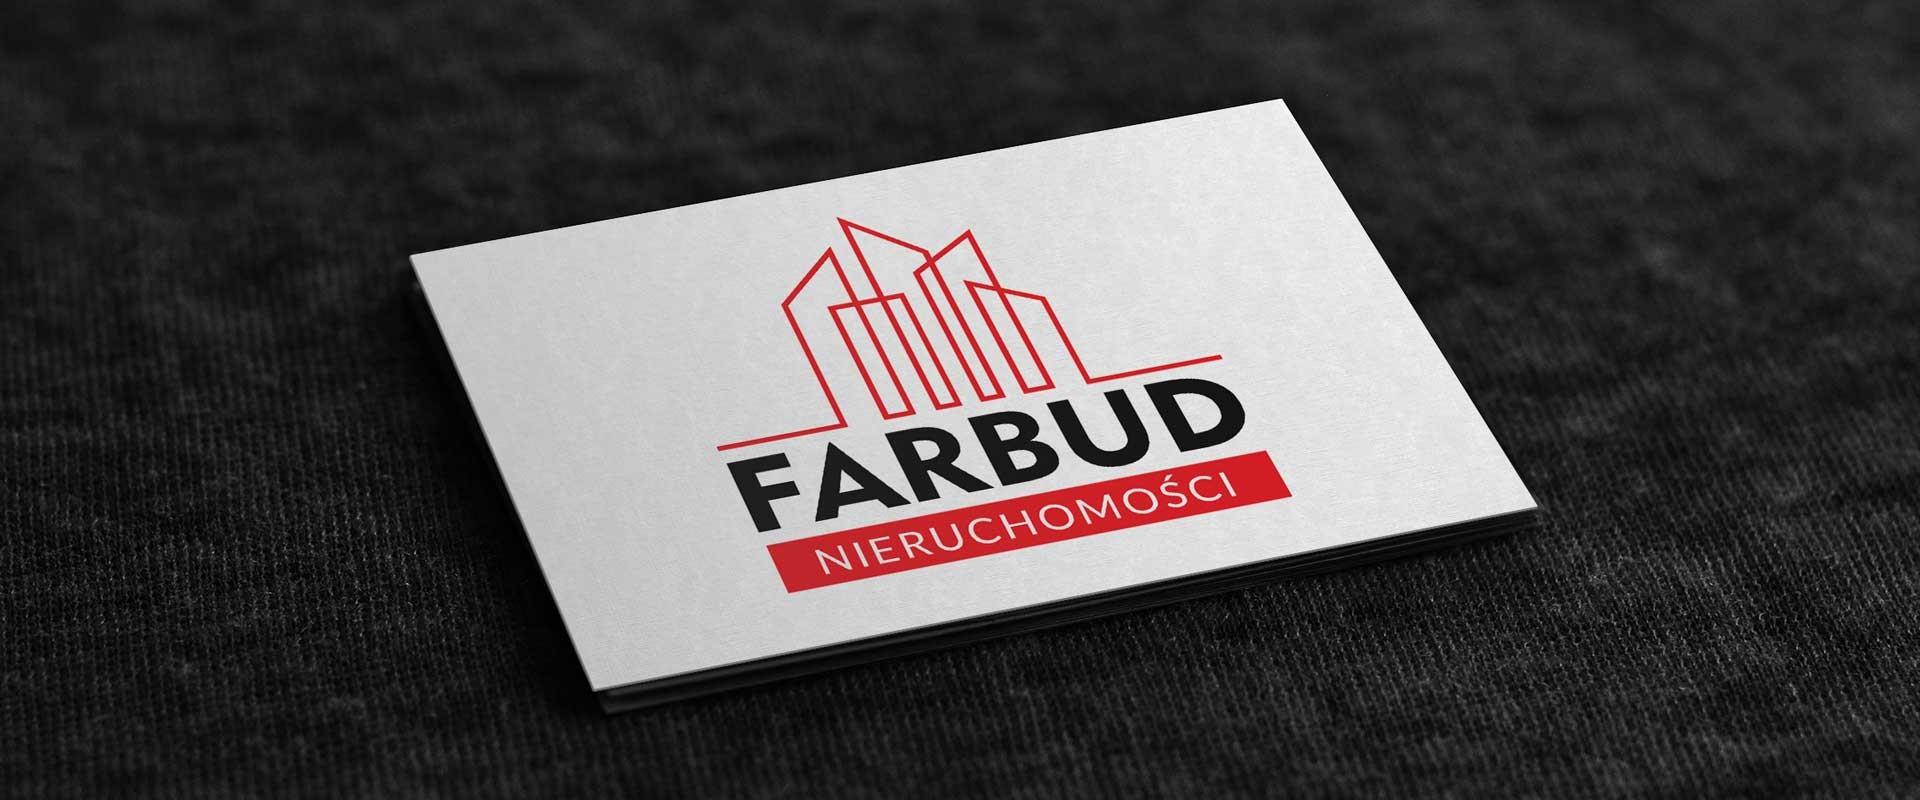 Wynajem biur, wynajem magazynów, powierzchnie biurowe - Lublin, Zamość, Przemyśl - Farbud Nieruchomości - Lublin